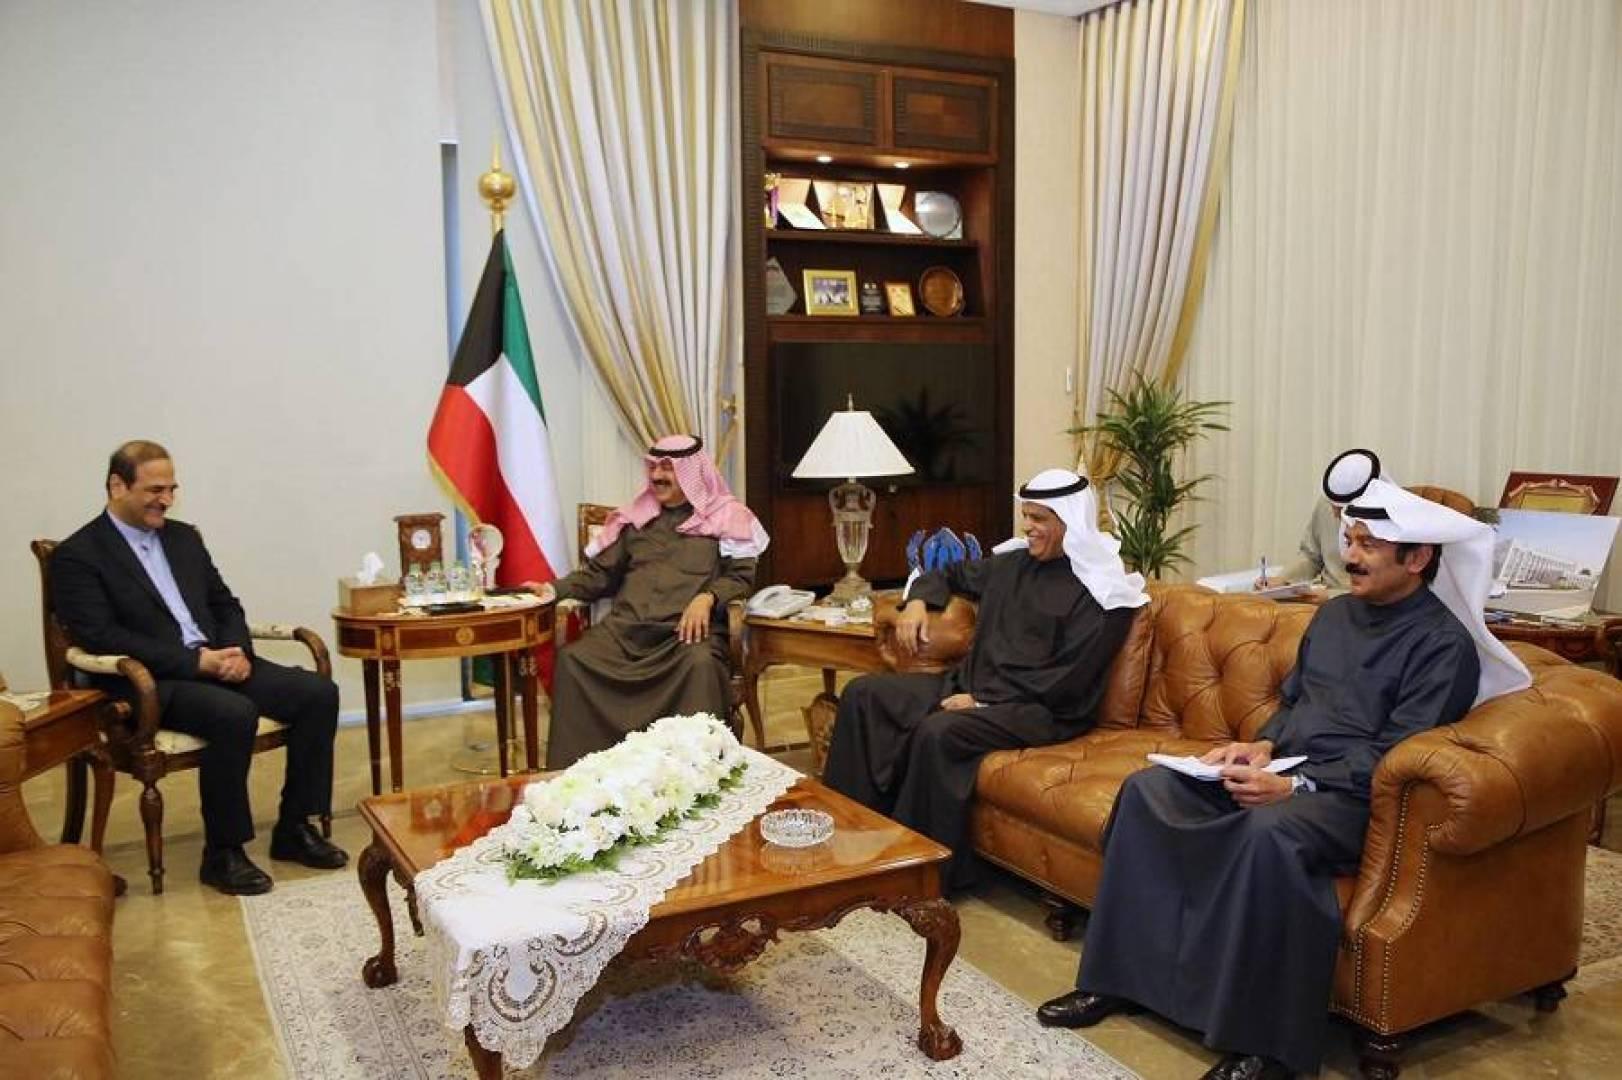 الخارجية تستدعي السفير الإيراني على خلفية تصريحات الحرس الثوري